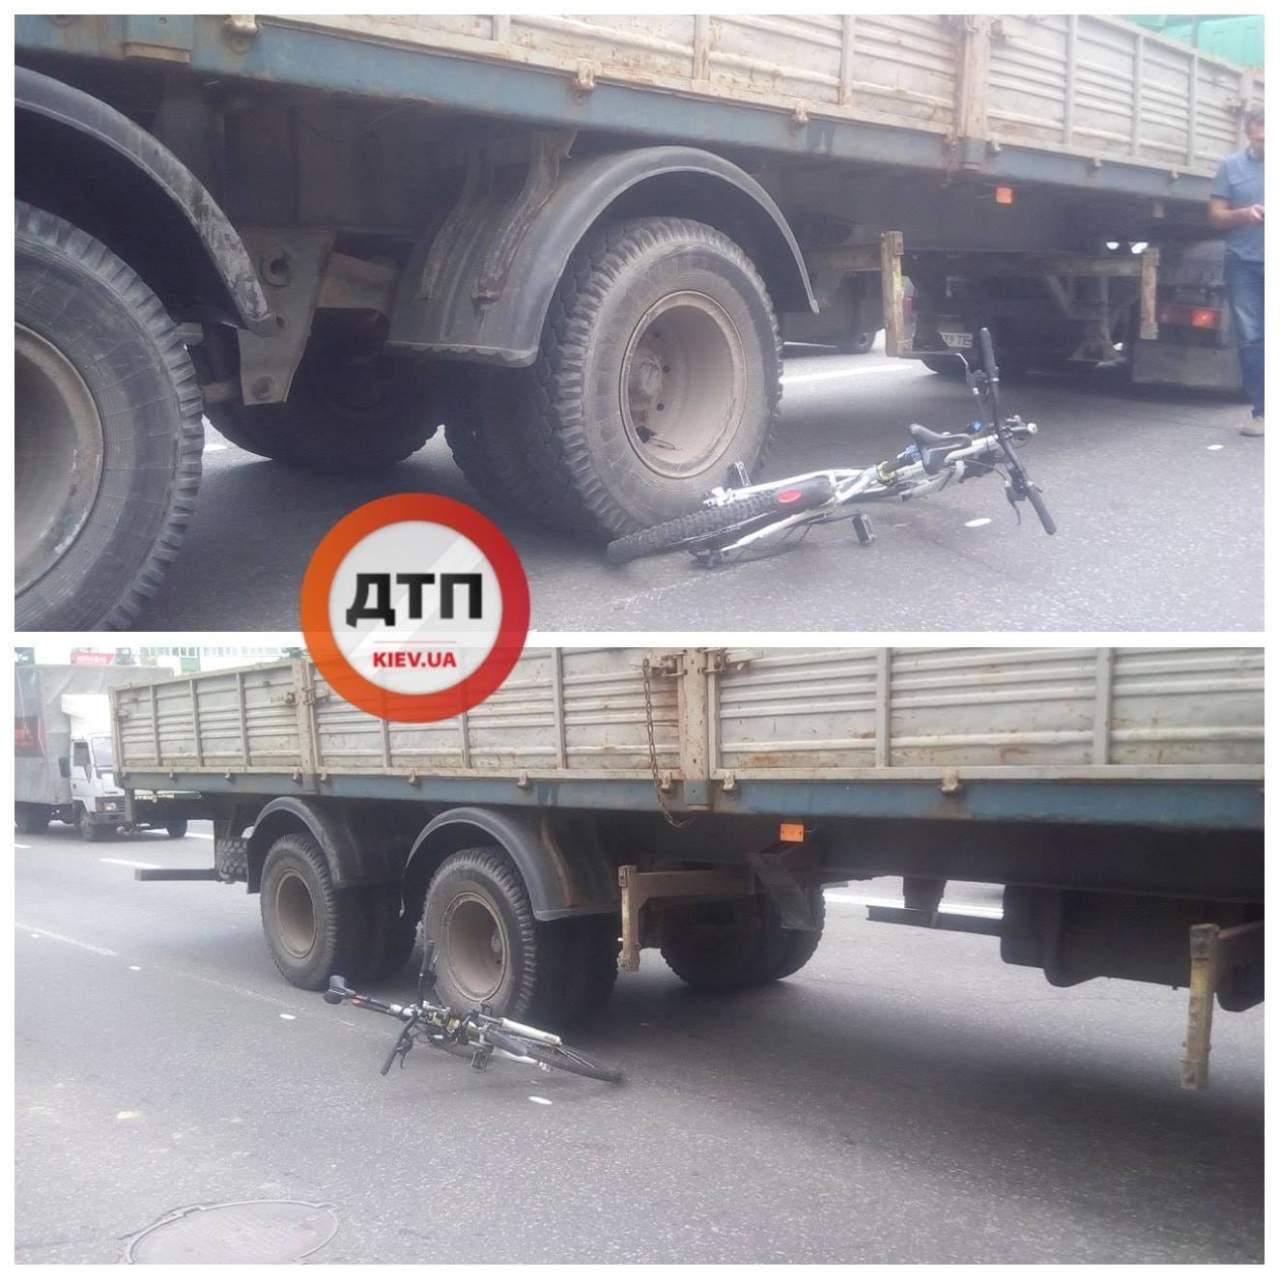 В столице велосипедист в результате столкновения с автомобилем угодил под прицеп грузовика (фото)